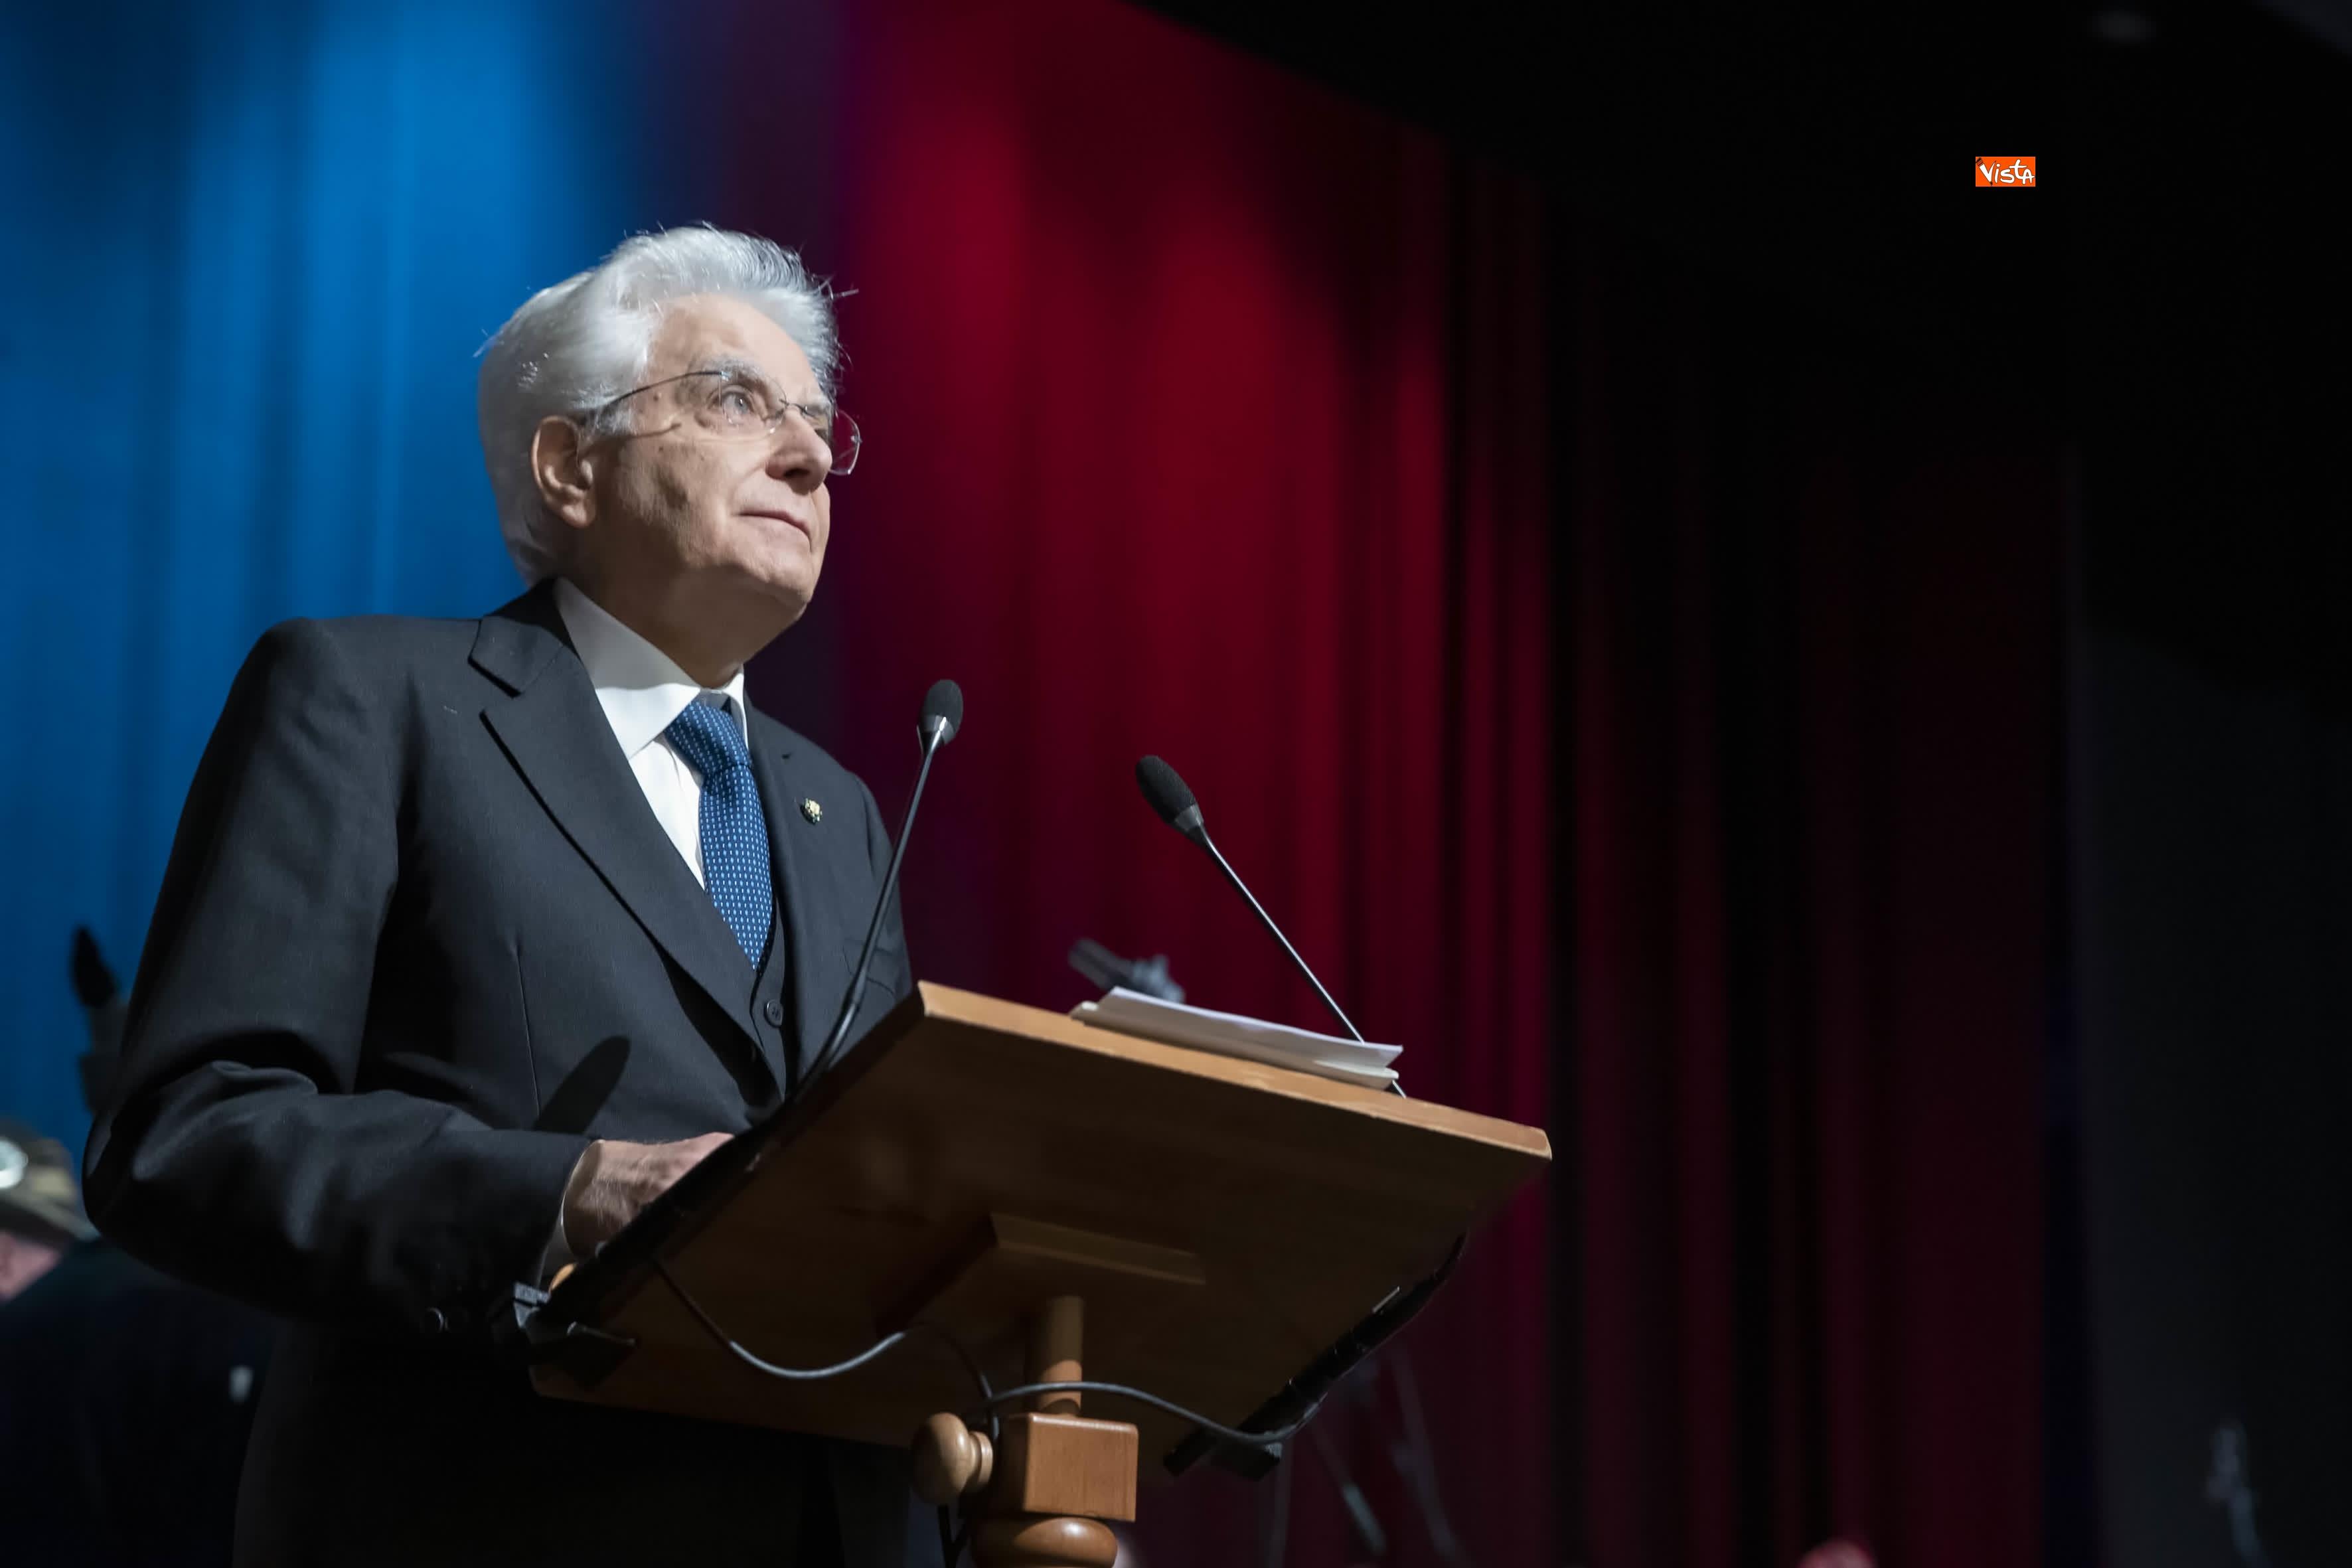 25-04-19 25 Aprile, Mattarella alla Cerimonia in occasione del 74 Anniversario della Liberazione a Vittorio Veneto_10